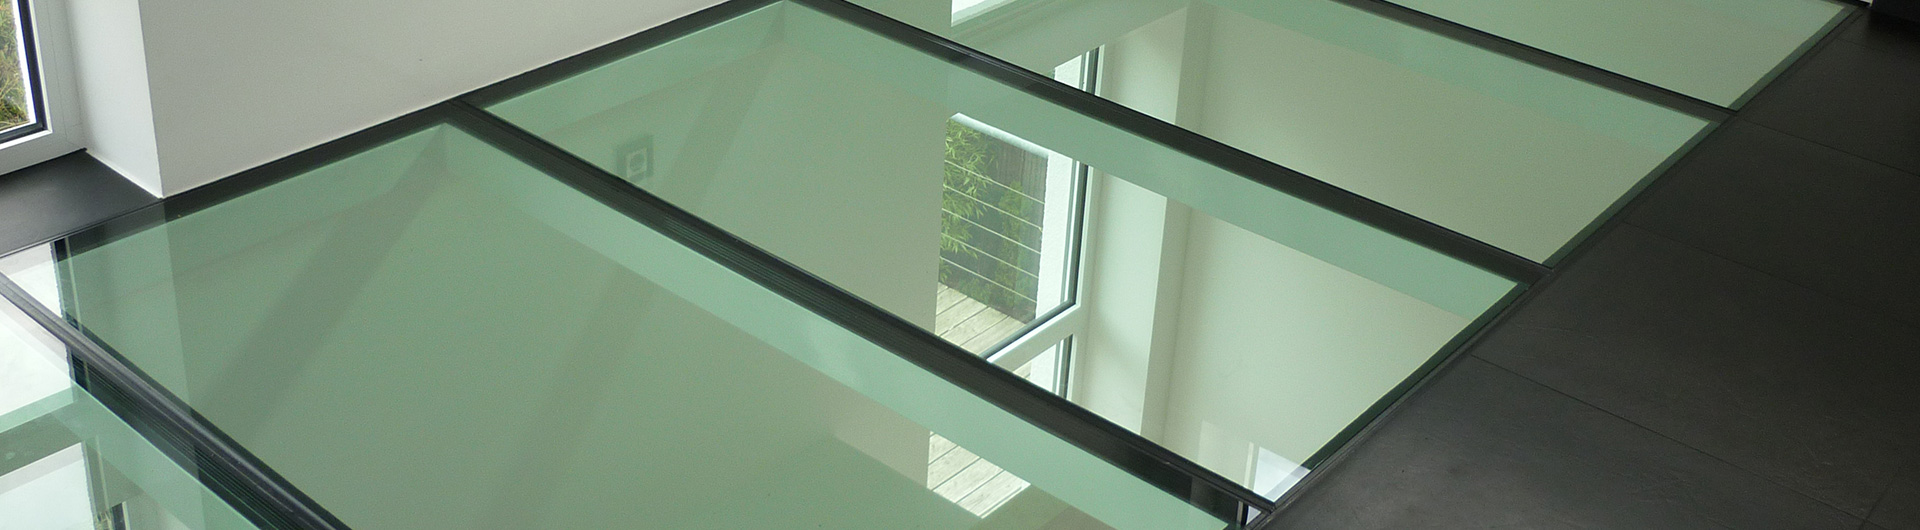 Balkon Glas begehbares glas für balkon - glas hetterich gmbh